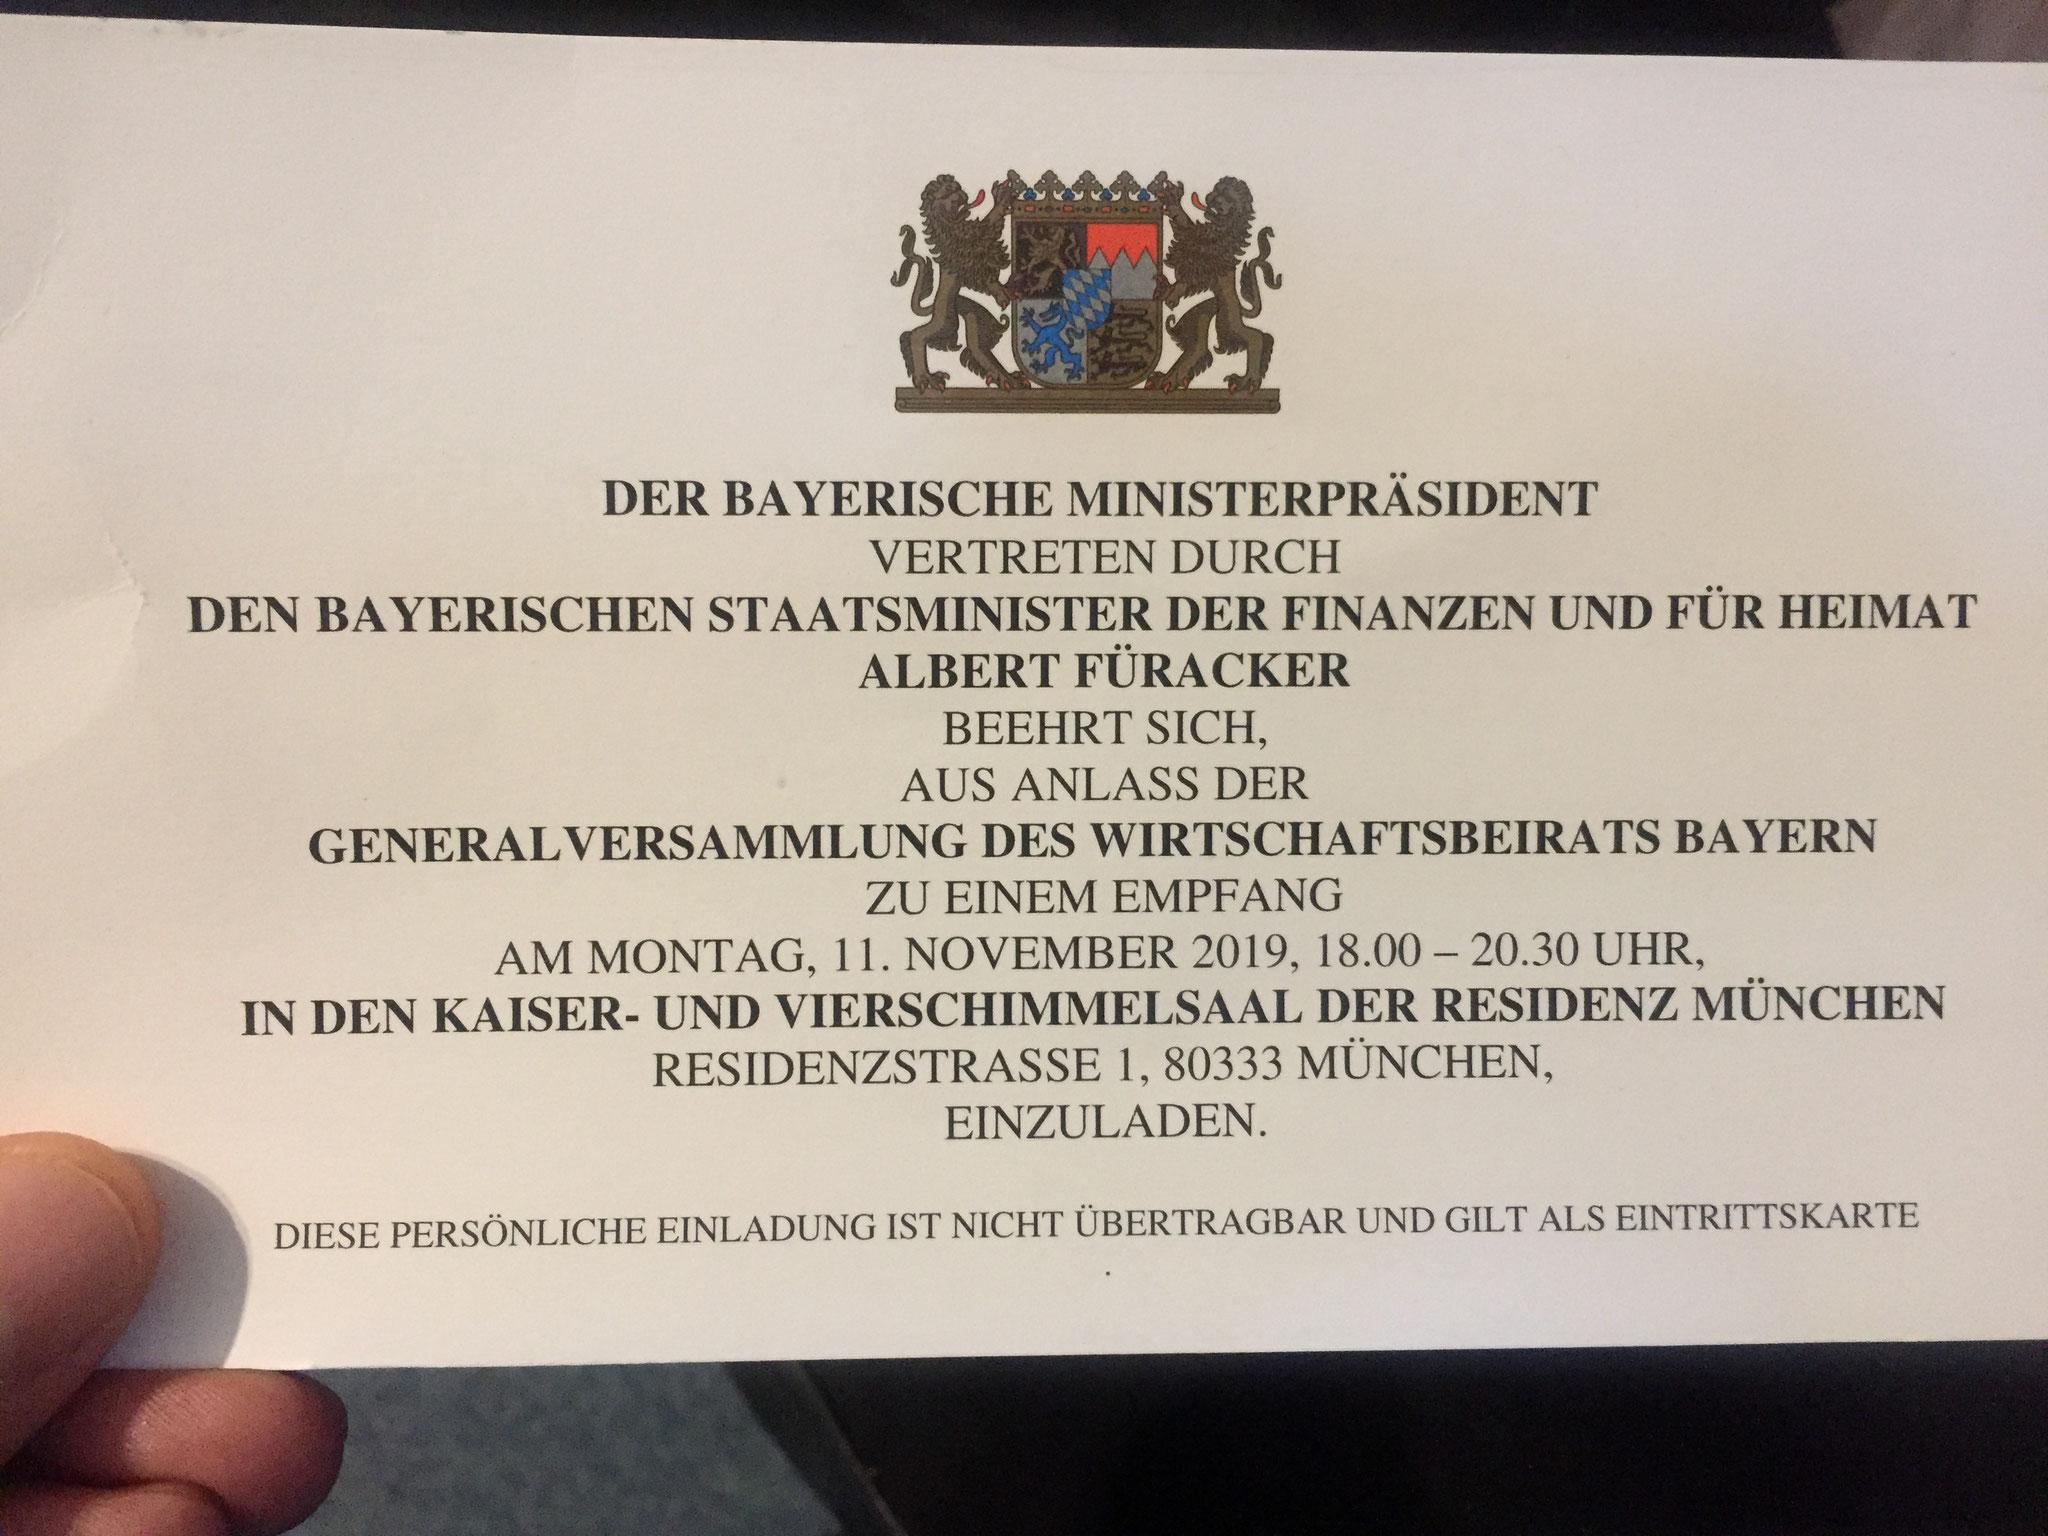 Der Bayerische Ministerpräsident Dr. Markus Söder lädt die Mitglieder des Wirtschftsbeirates der Union in die Residenz München ein